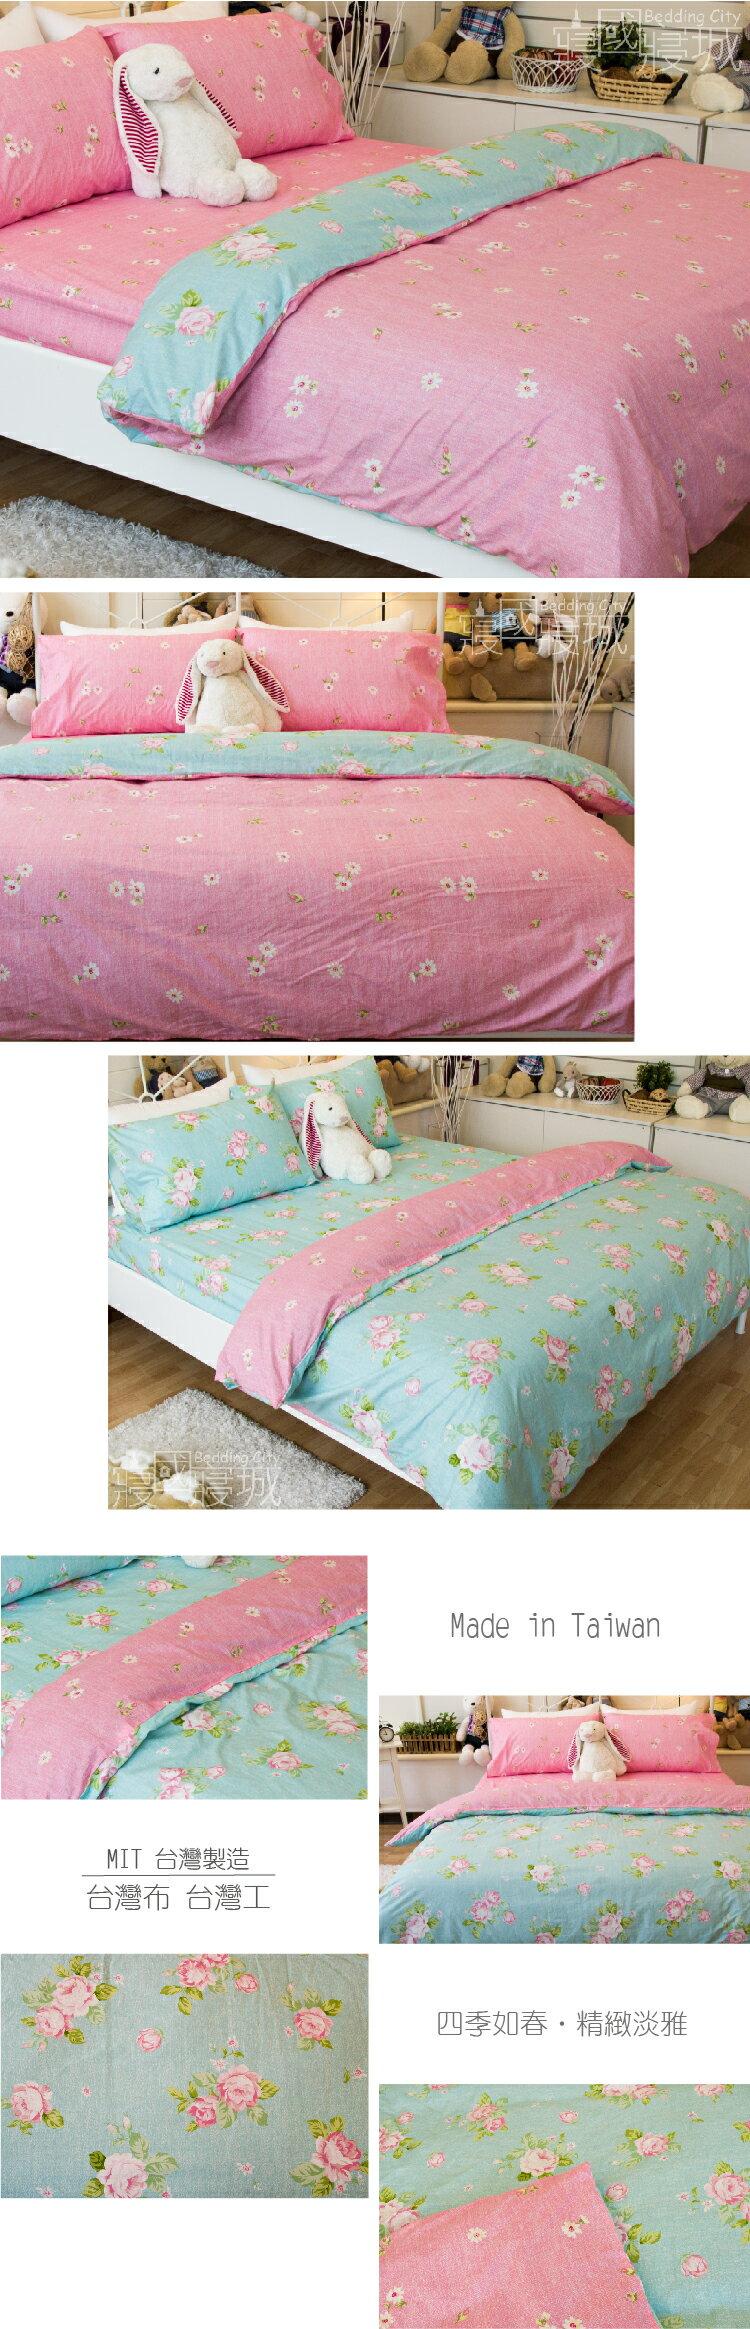 精梳棉-加大雙人床包組 春天的氣息【大鐘印染、台灣製造】#精梳純綿 2